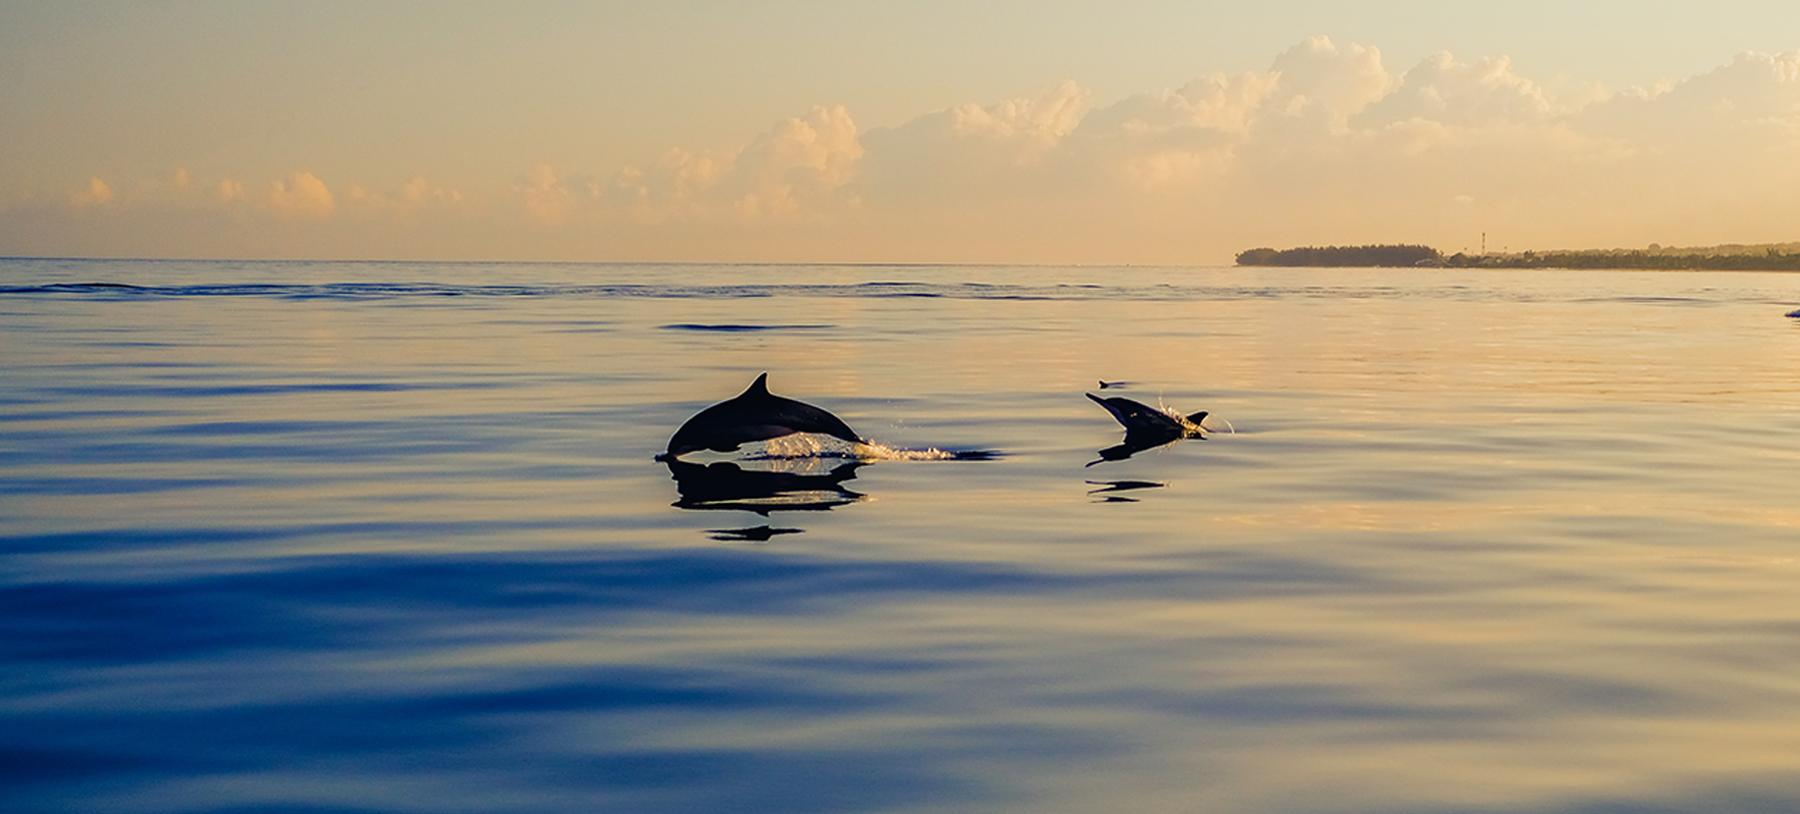 イルカのジャンプ ドルフィンプロジェクト